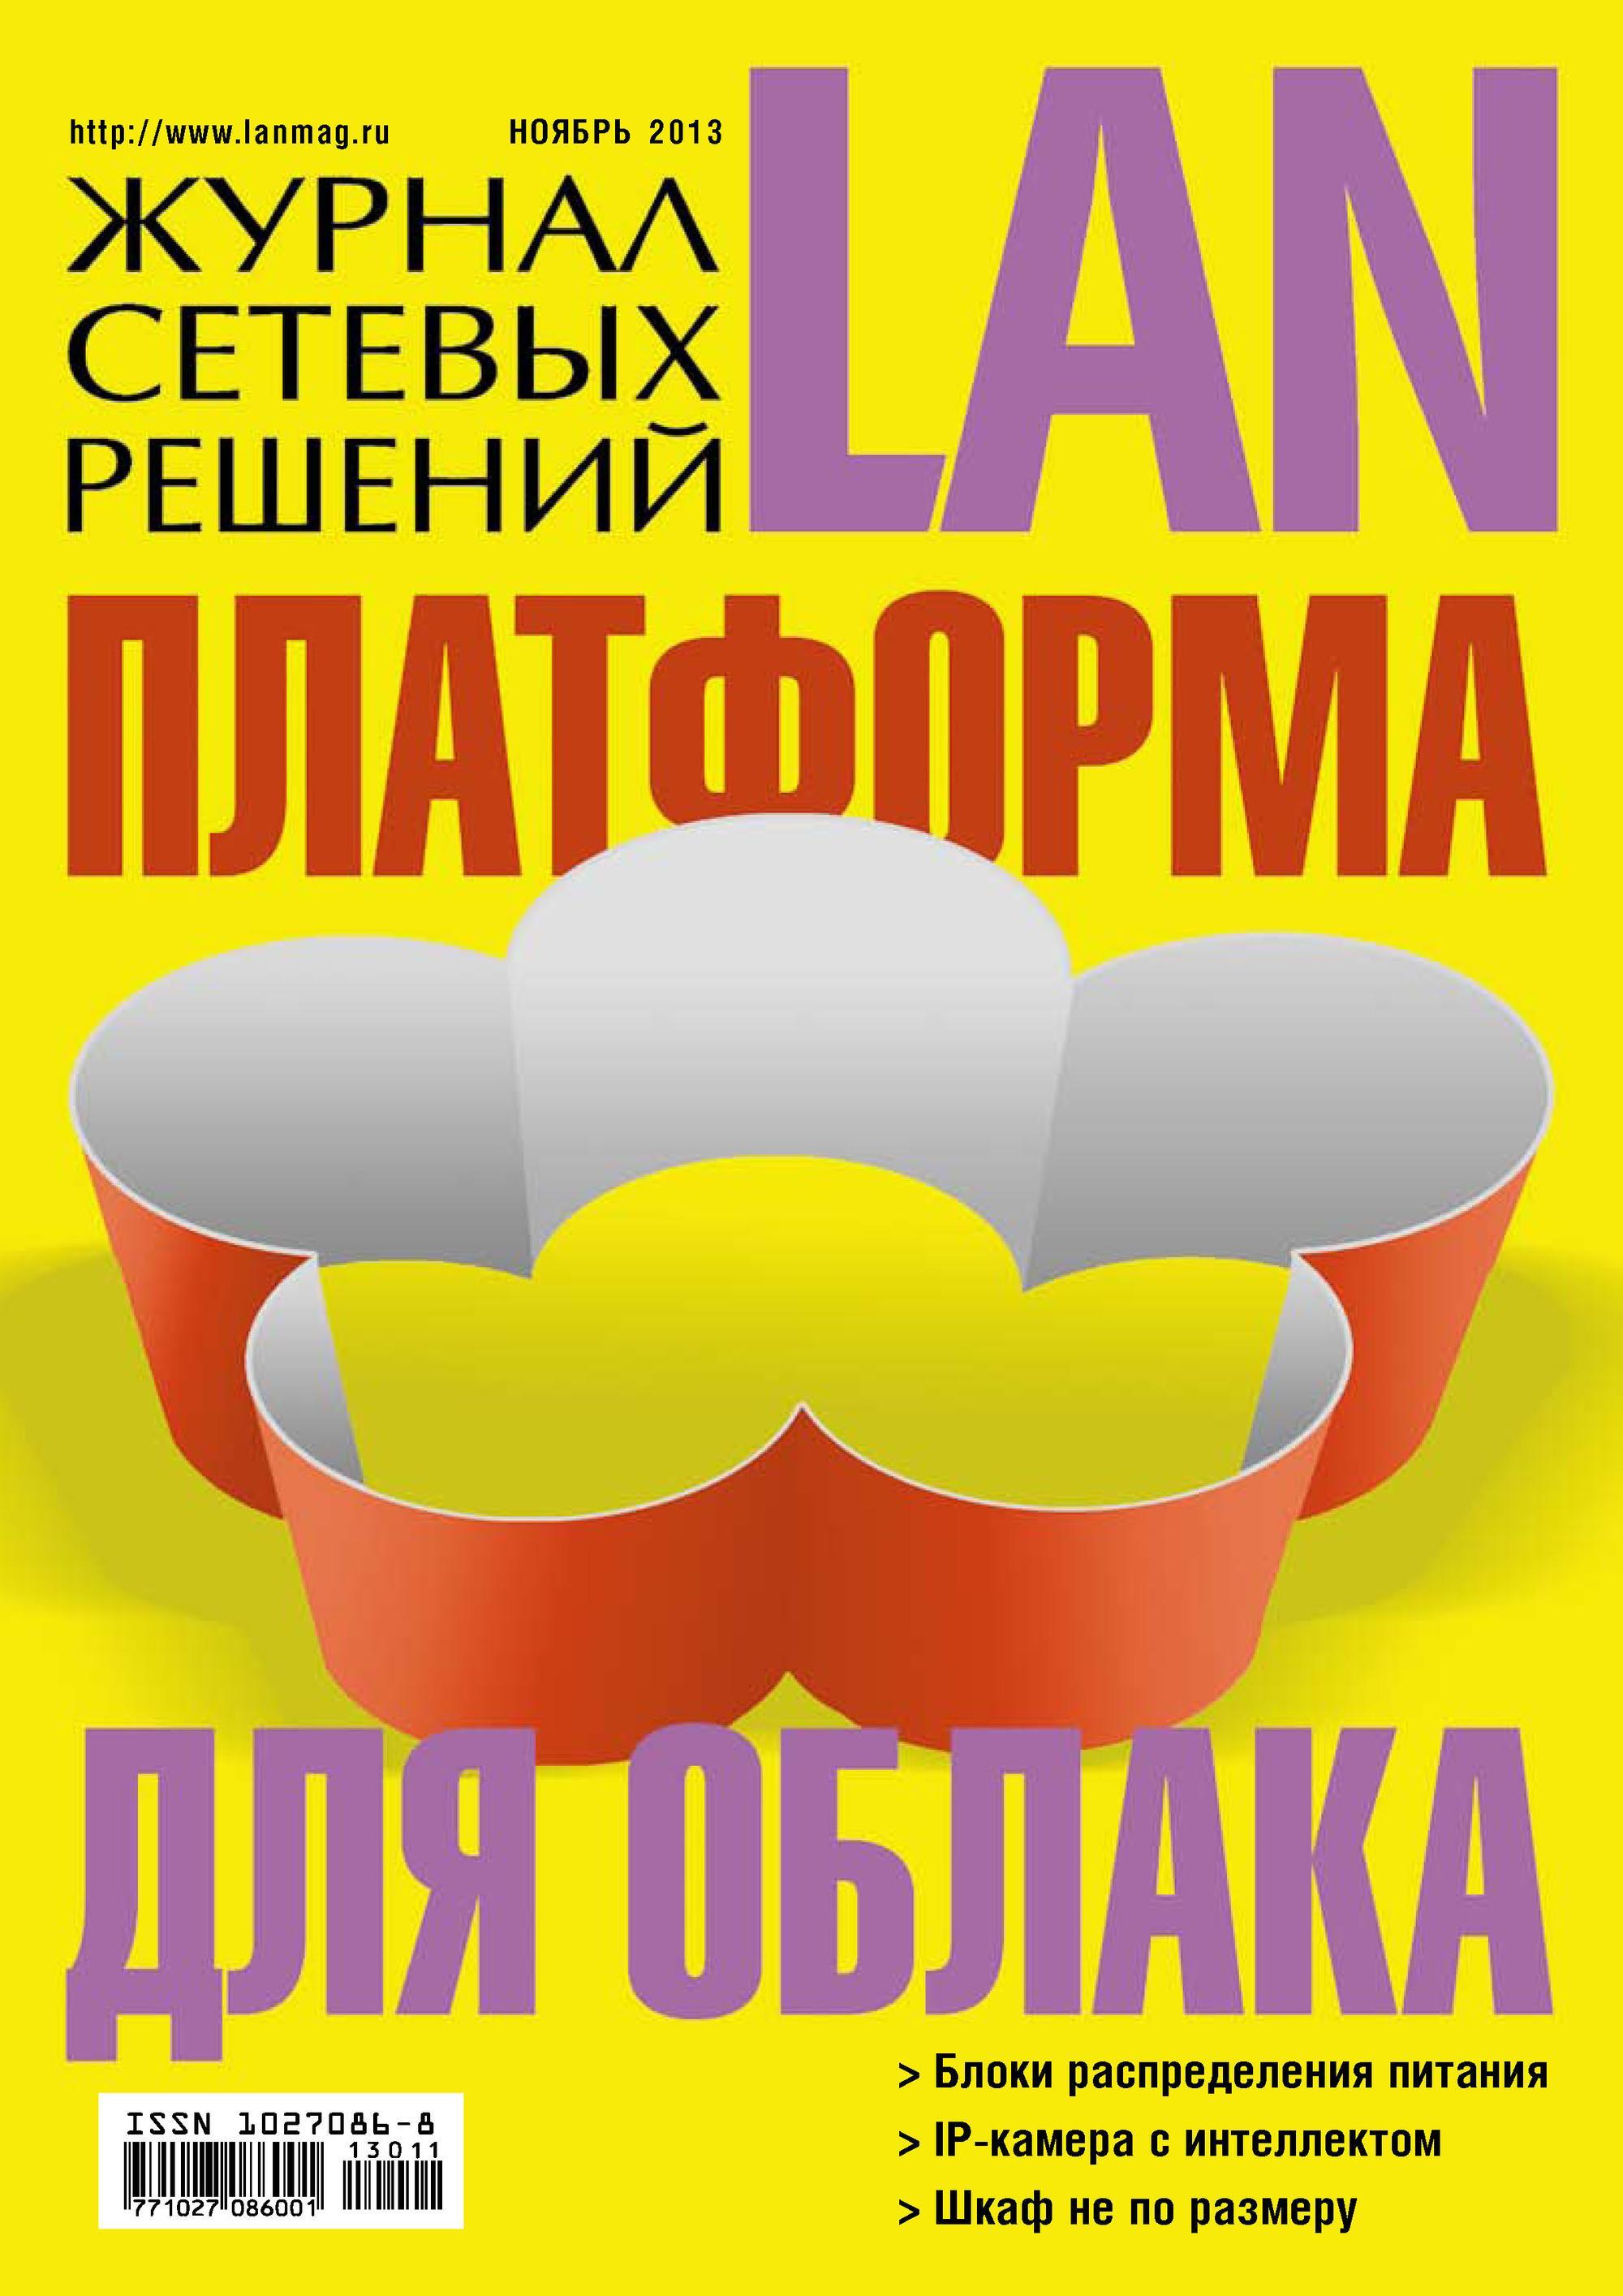 Открытые системы Журнал сетевых решений / LAN №11/2013 атс